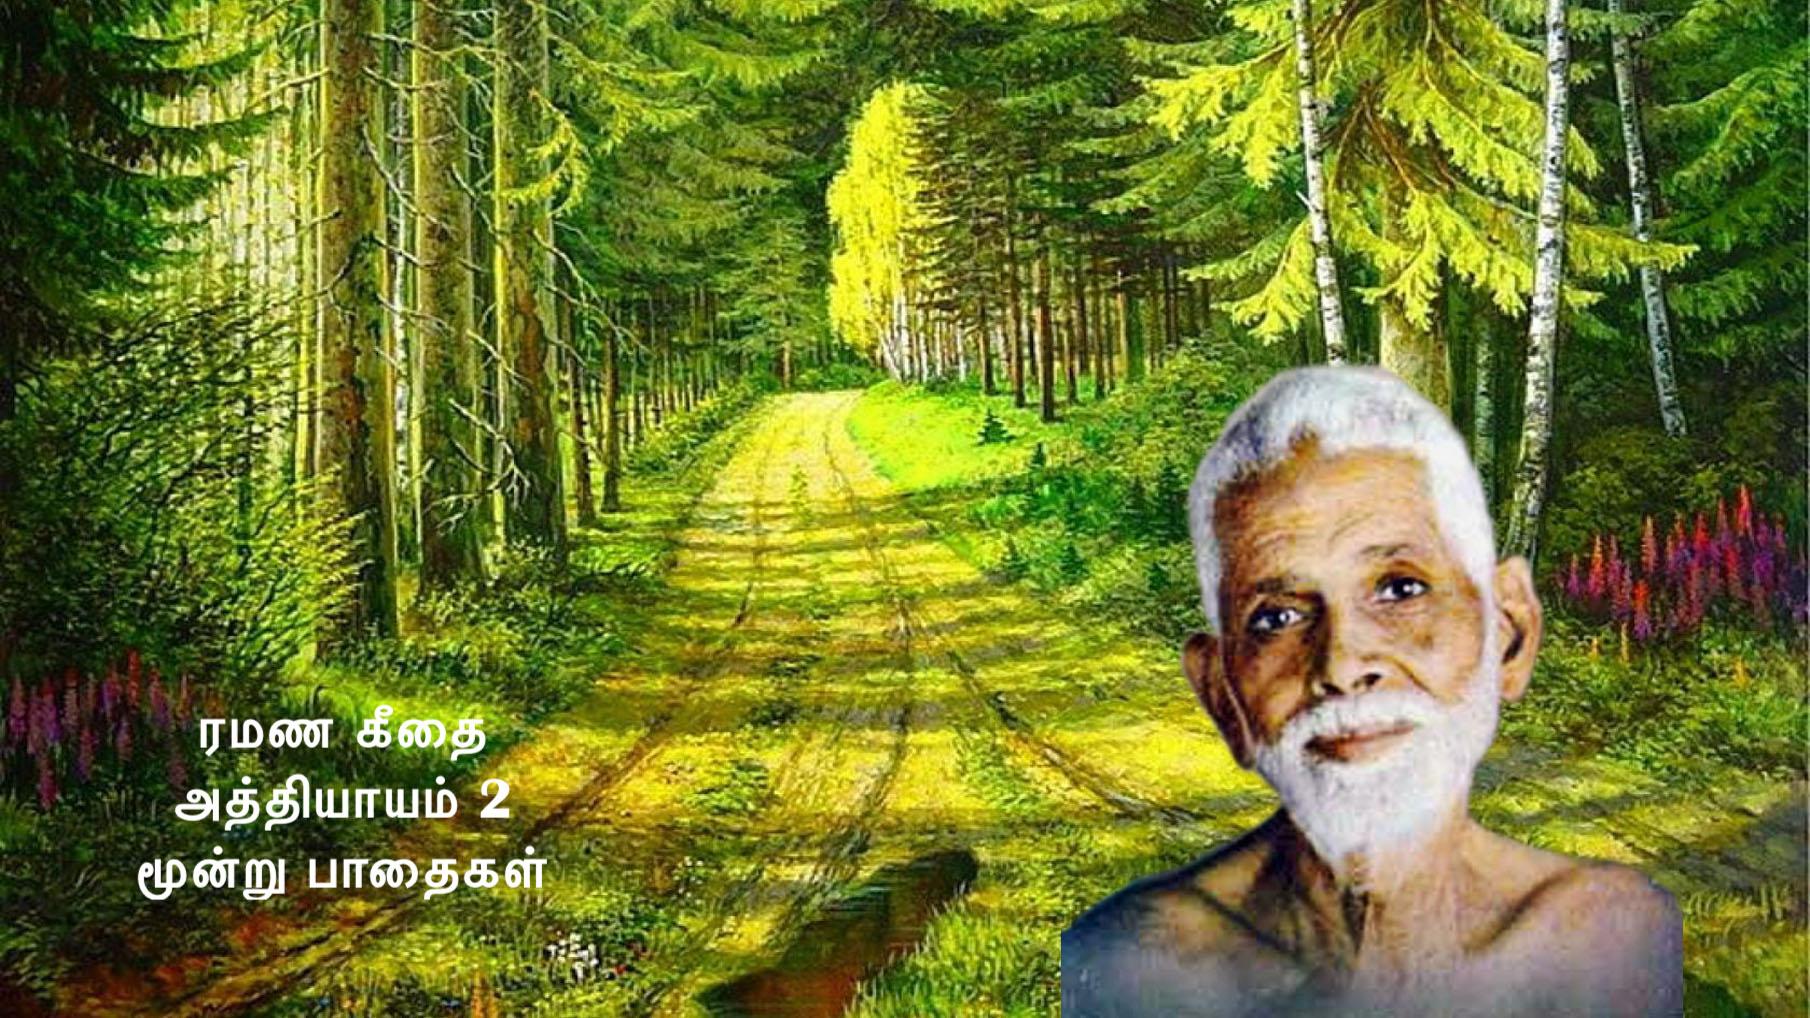 ரமண கீதை - அத்தியாயம் 2 - மூன்று பாதைகள்